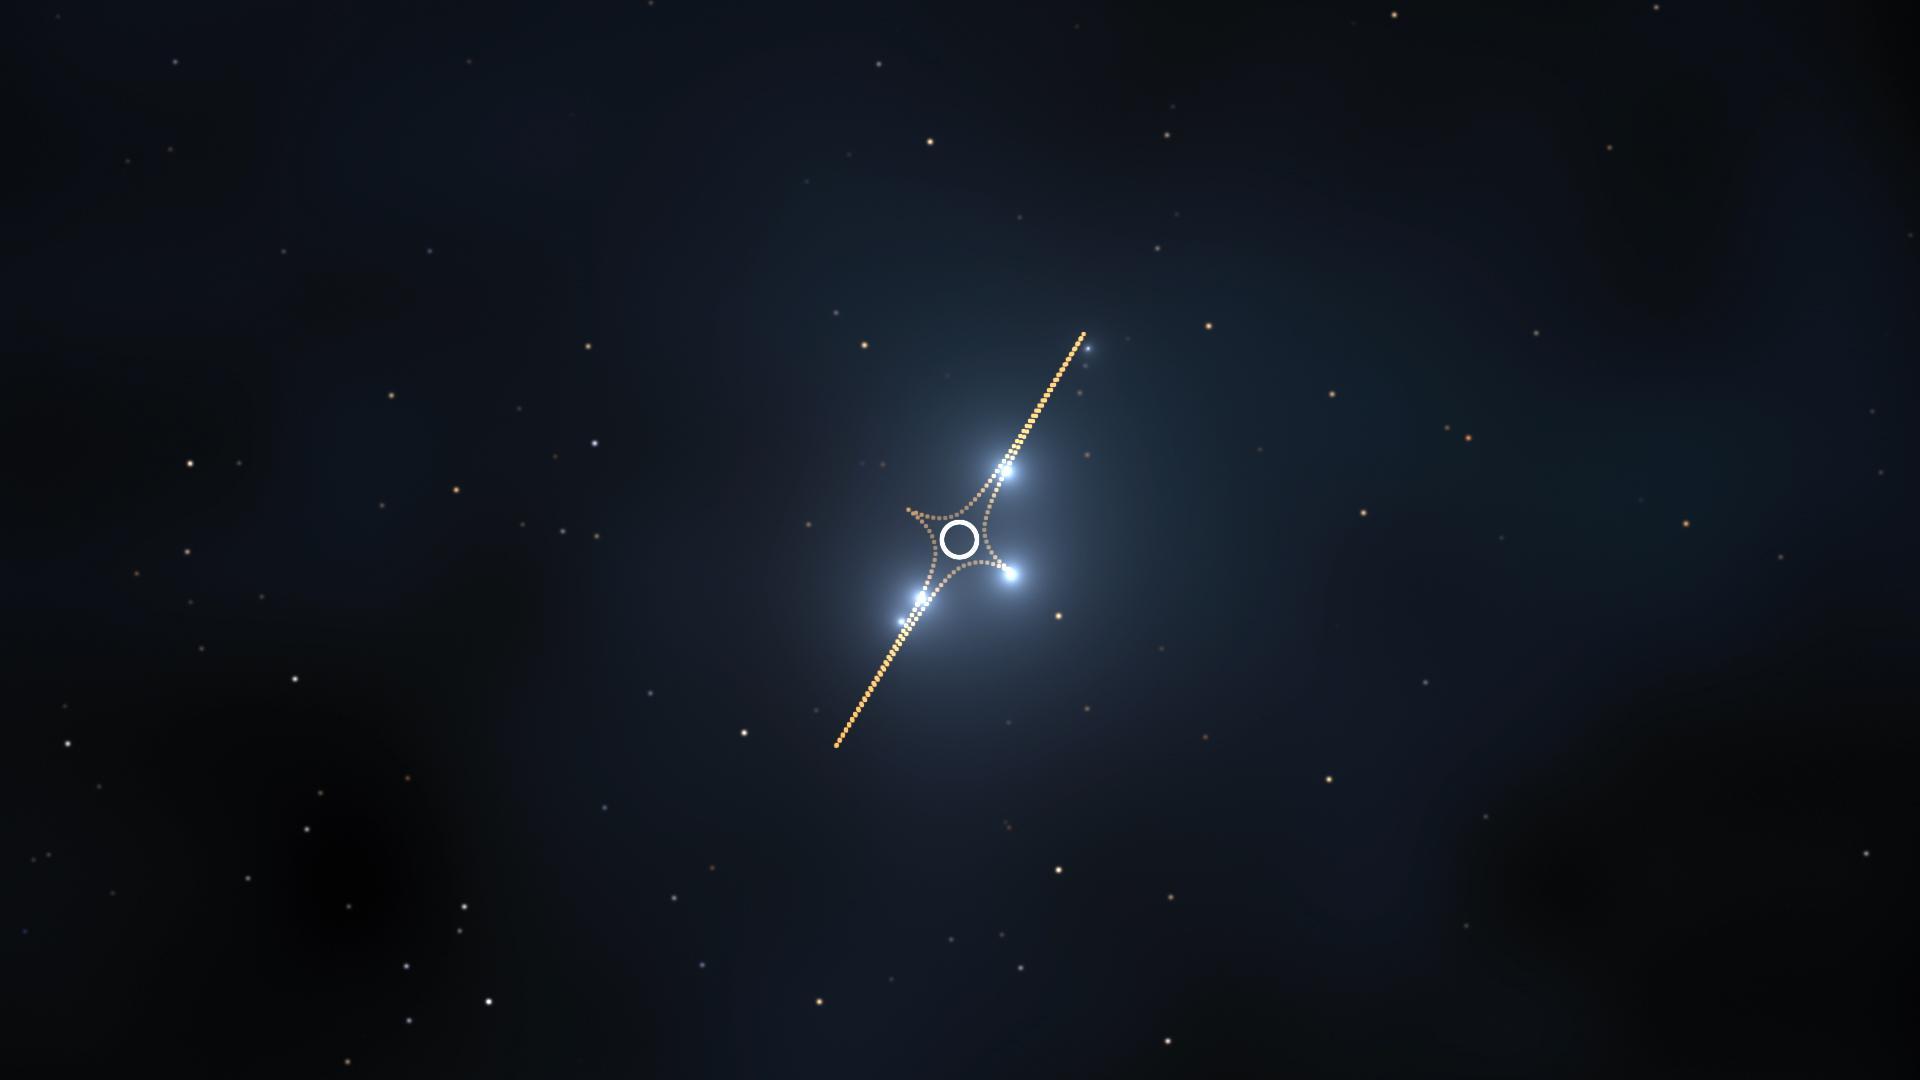 El telescopio espacial Hubble detecta la estrella más lejana jamás observada